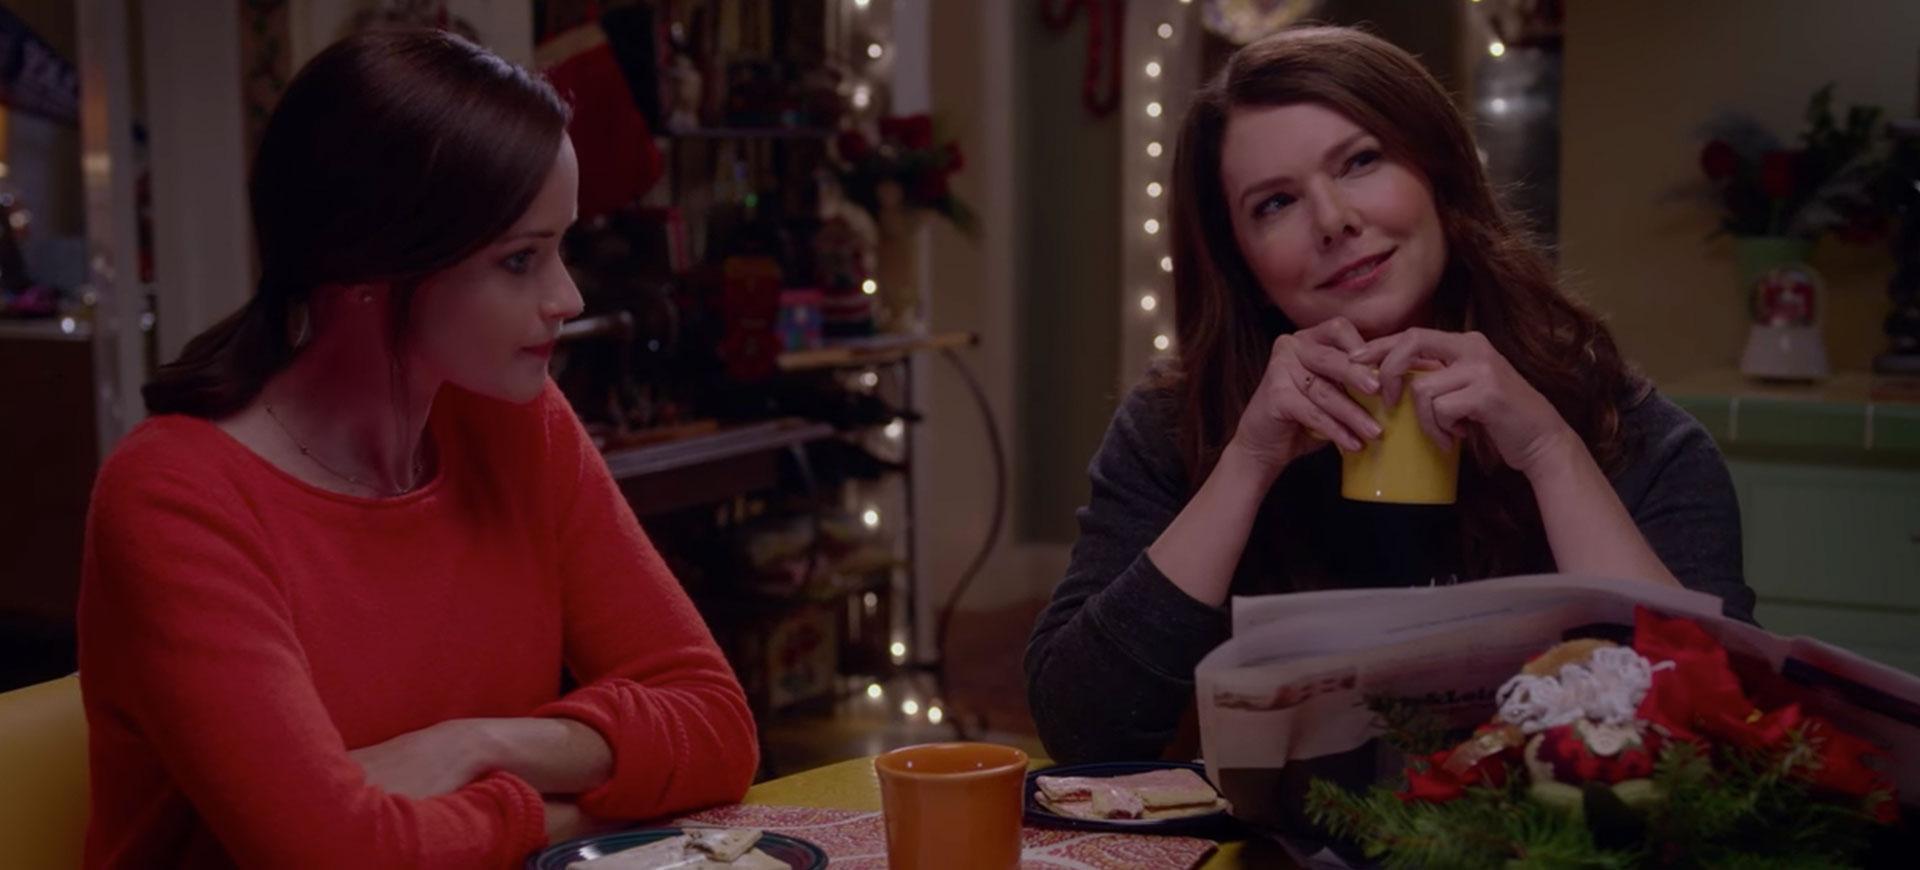 Nya avsnitt av Gilmore Girls